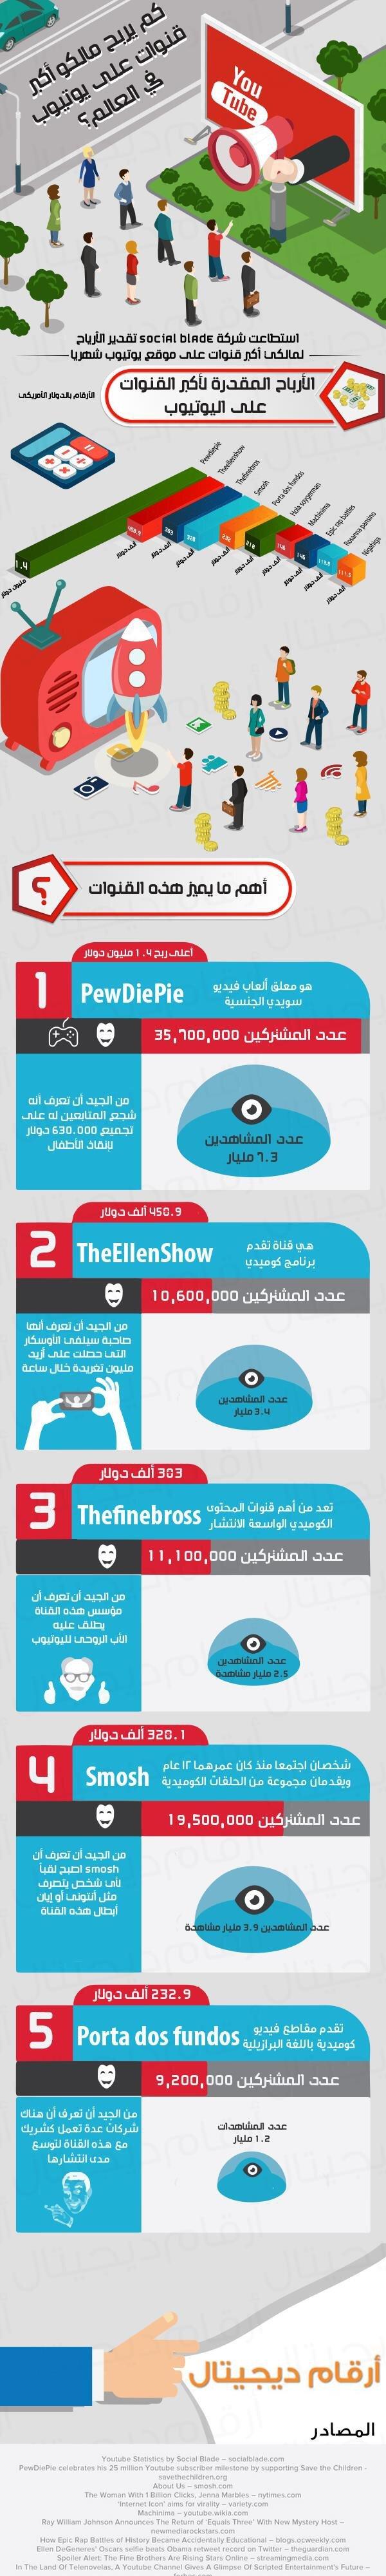 كم يربح مالكو أكبر القنوات على #يوتيوب في العالم؟ #انفوجرافيك